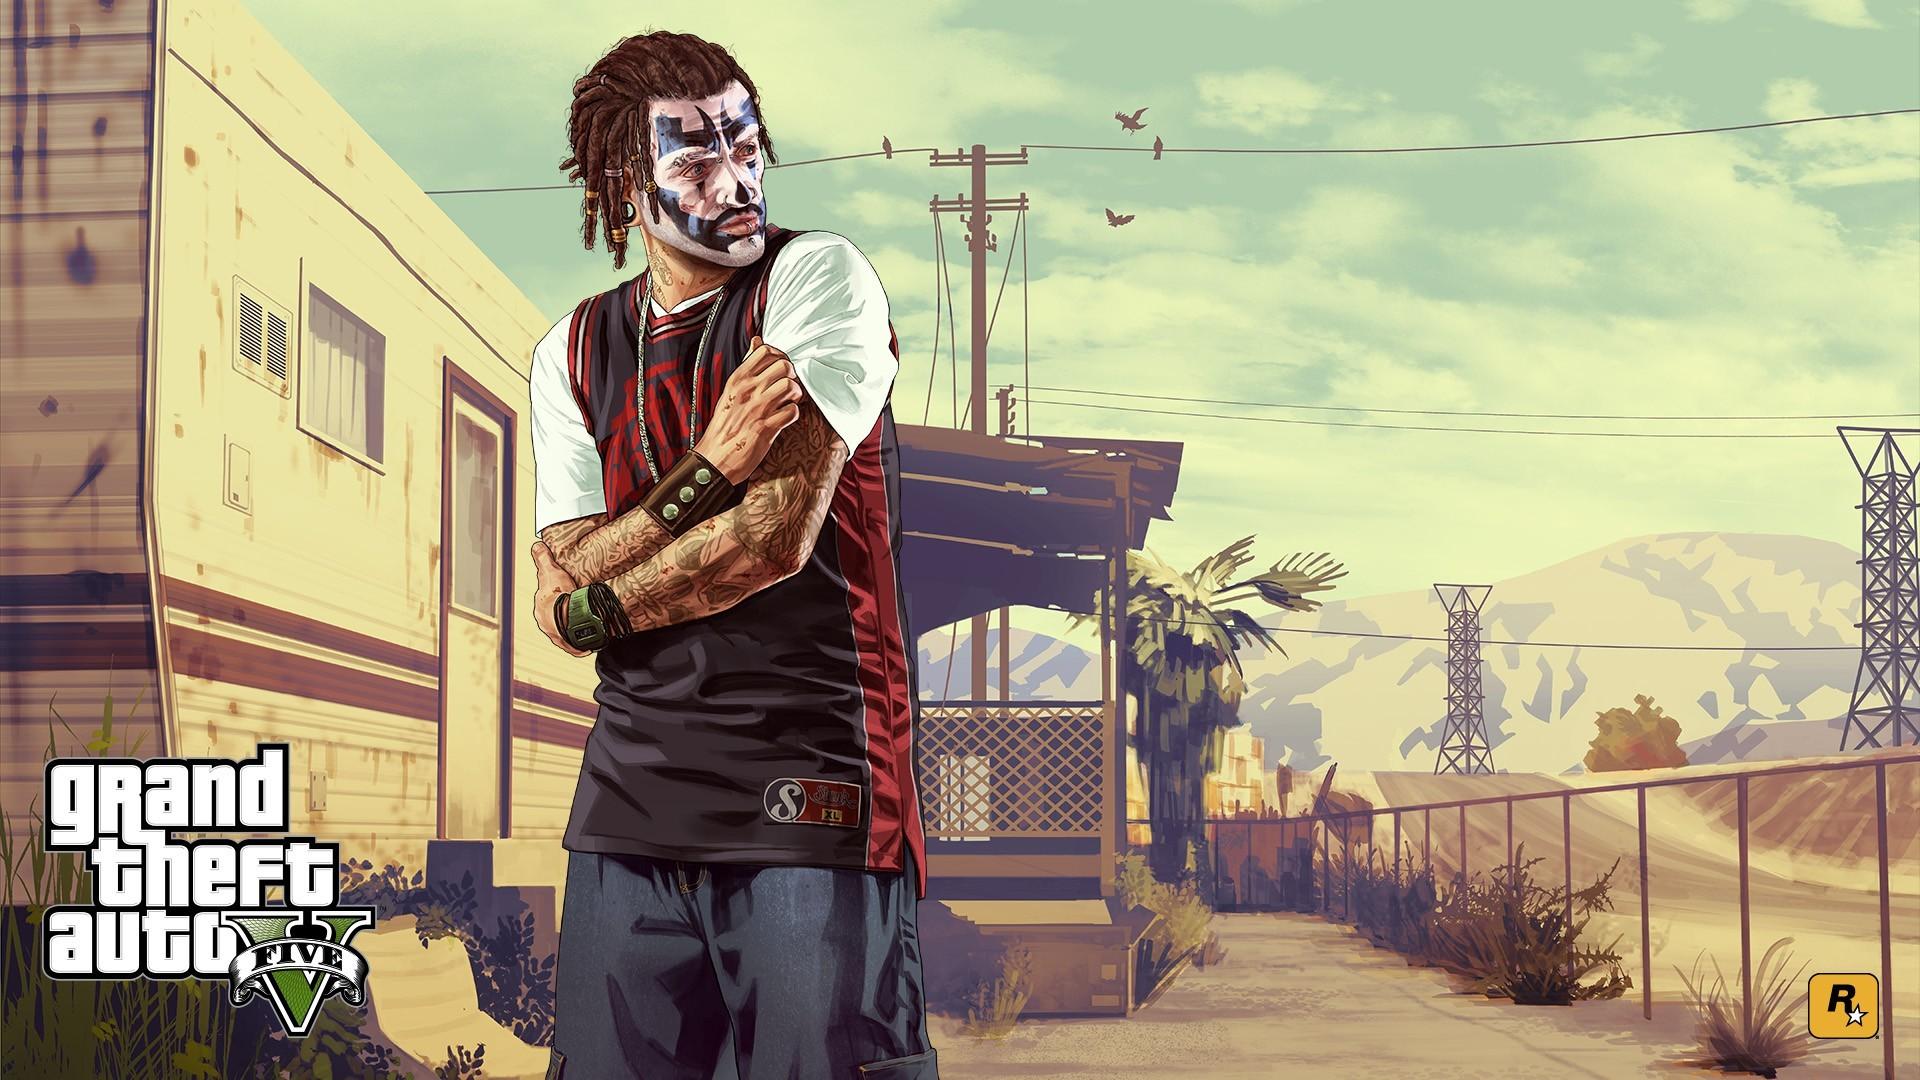 Wallpaper Wade hebert, Grand theft auto v, Gta, Rockstar games